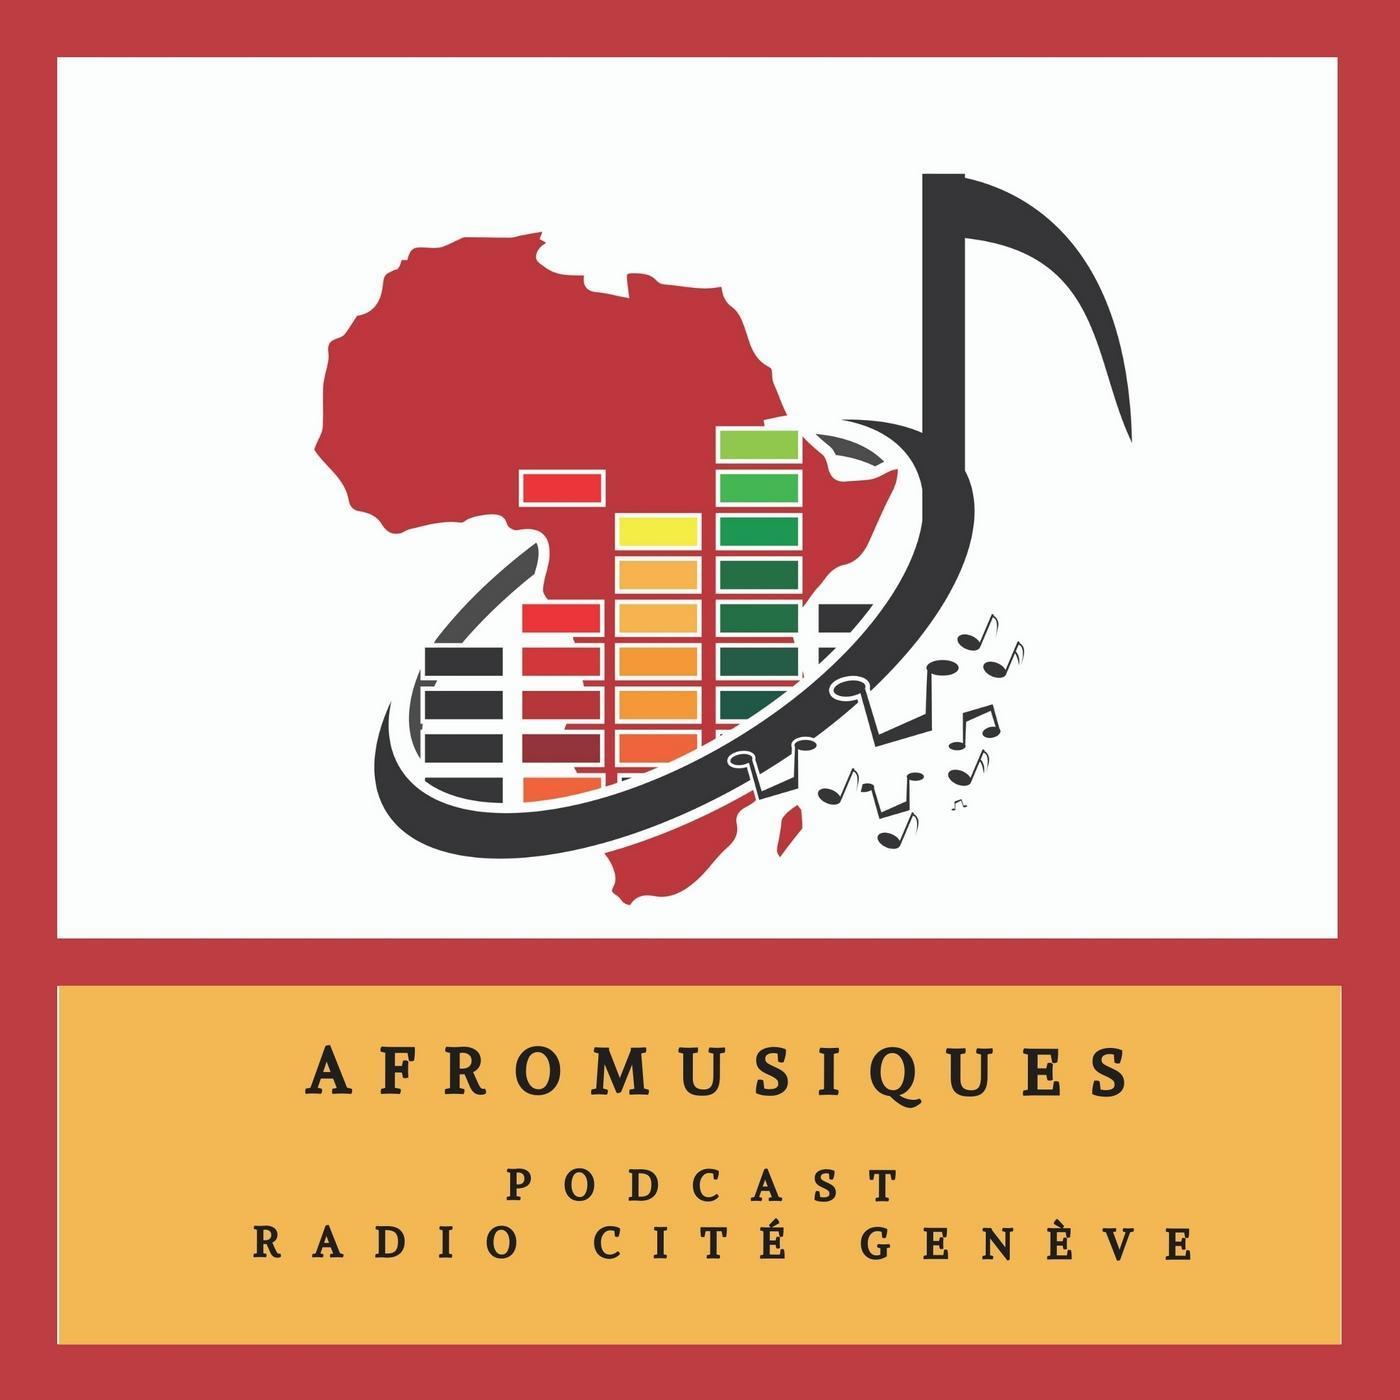 AfroMusiques 16/04/2021 - Nelle de Souza